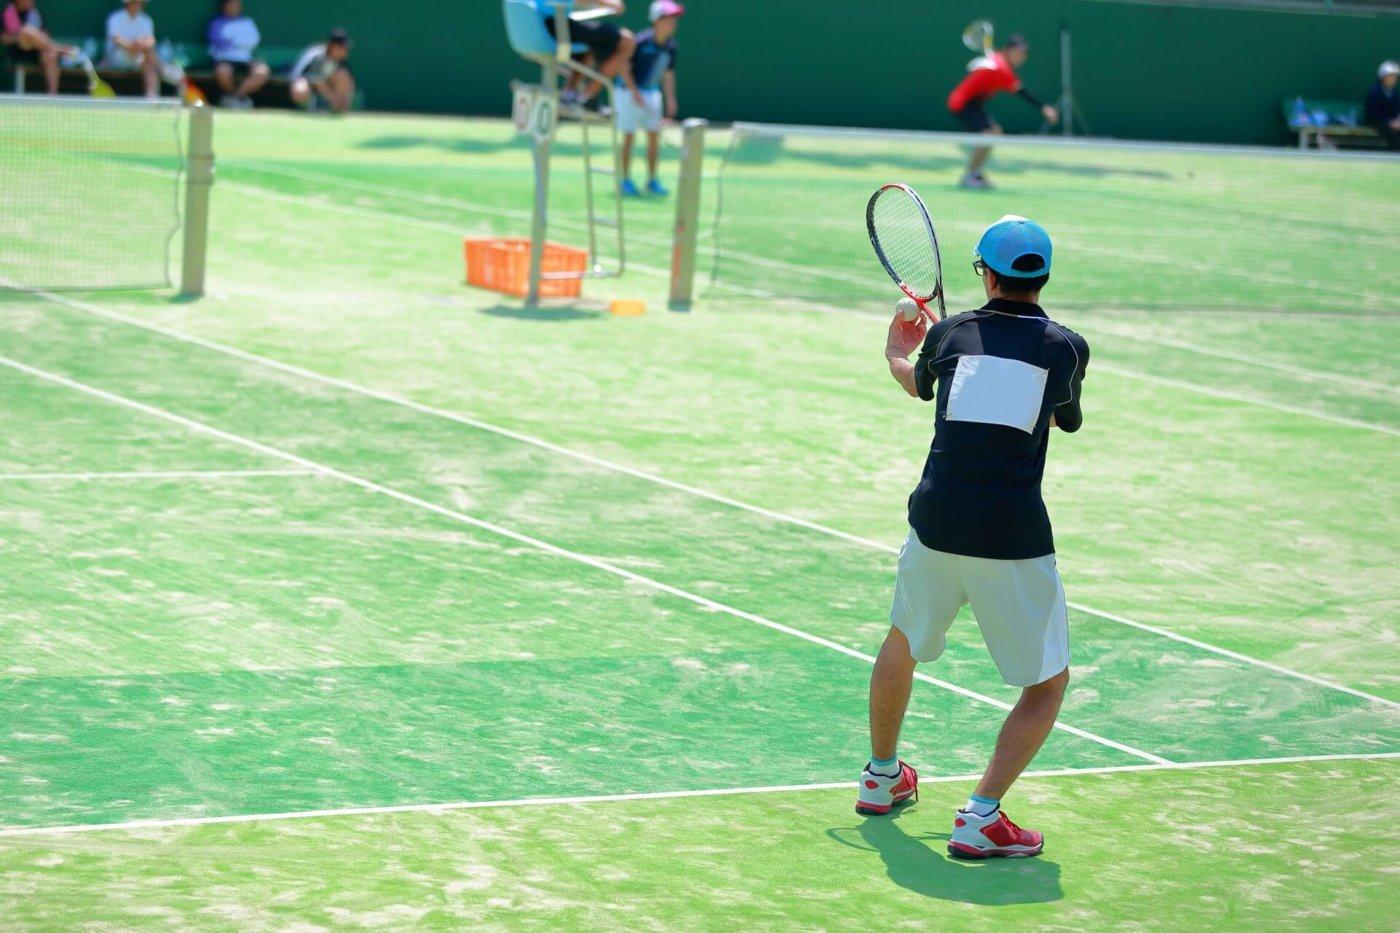 サーブを上達させるには?テニス初心者のための練習方法